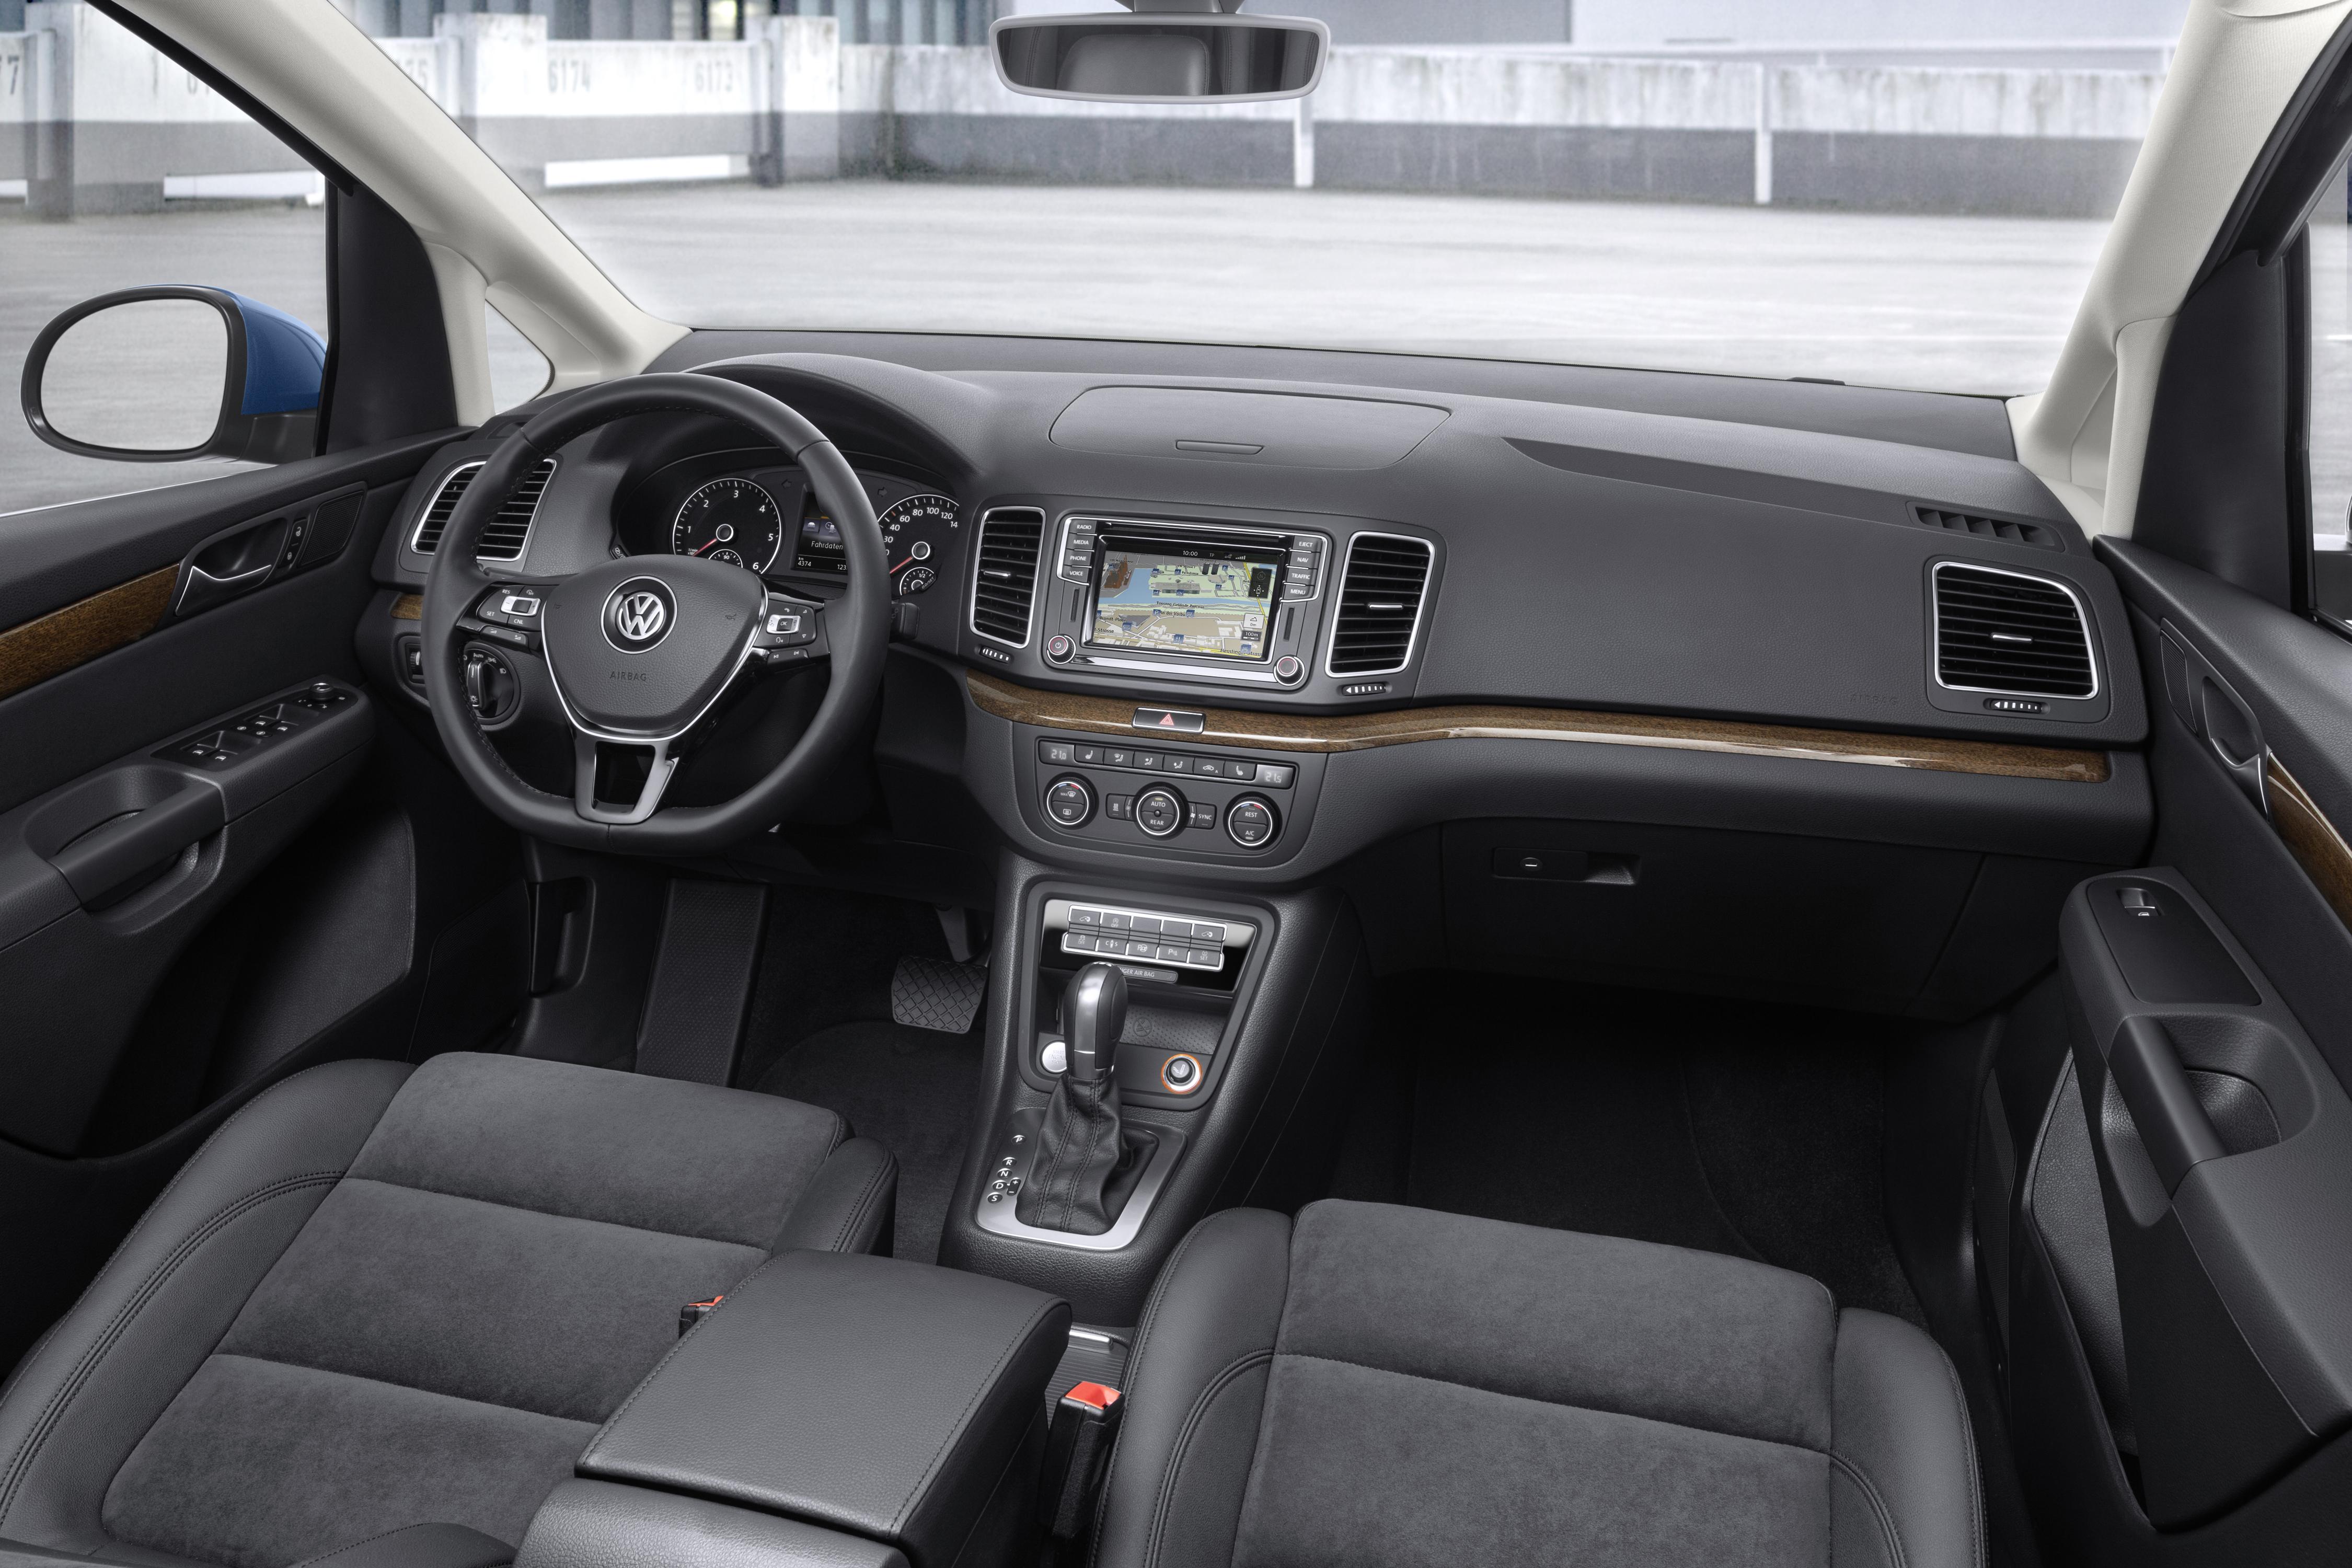 Volkswagen sharan interier